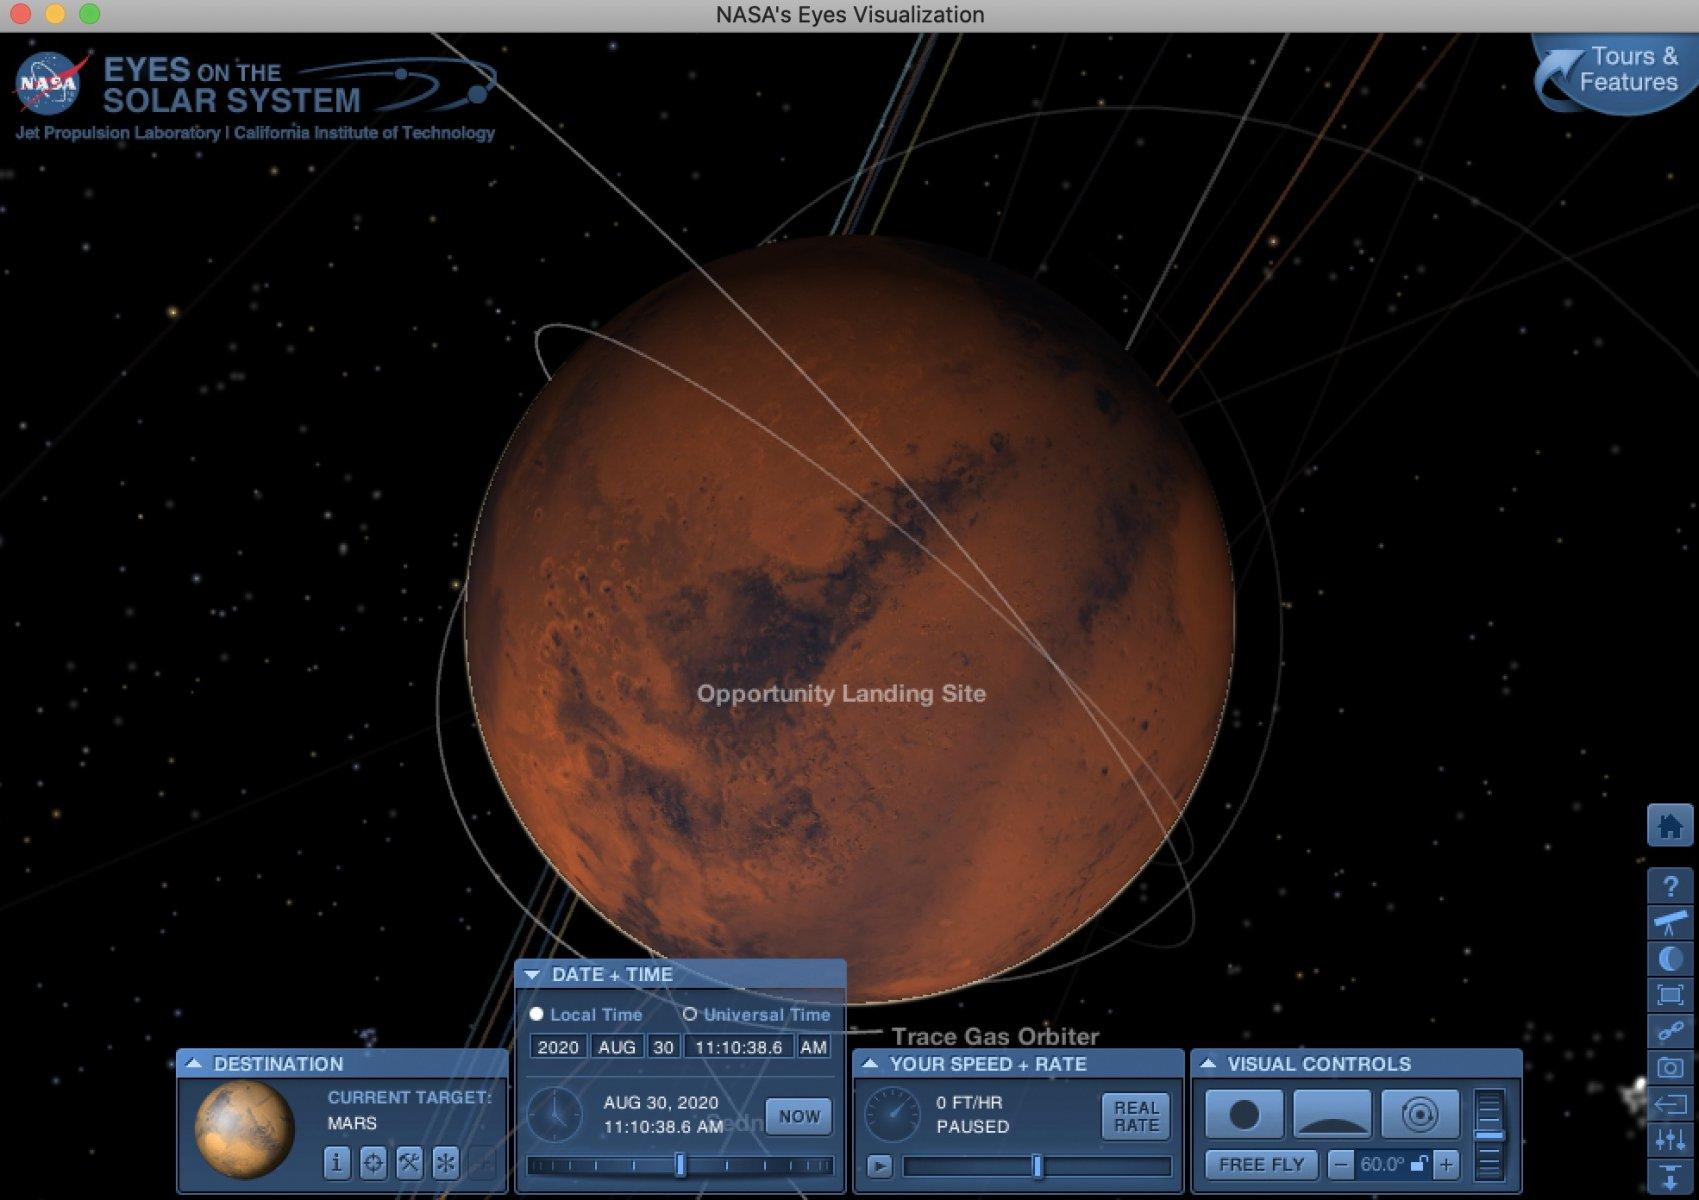 Bildschirmfoto 2020-08-31 um 14.51.05.jpg